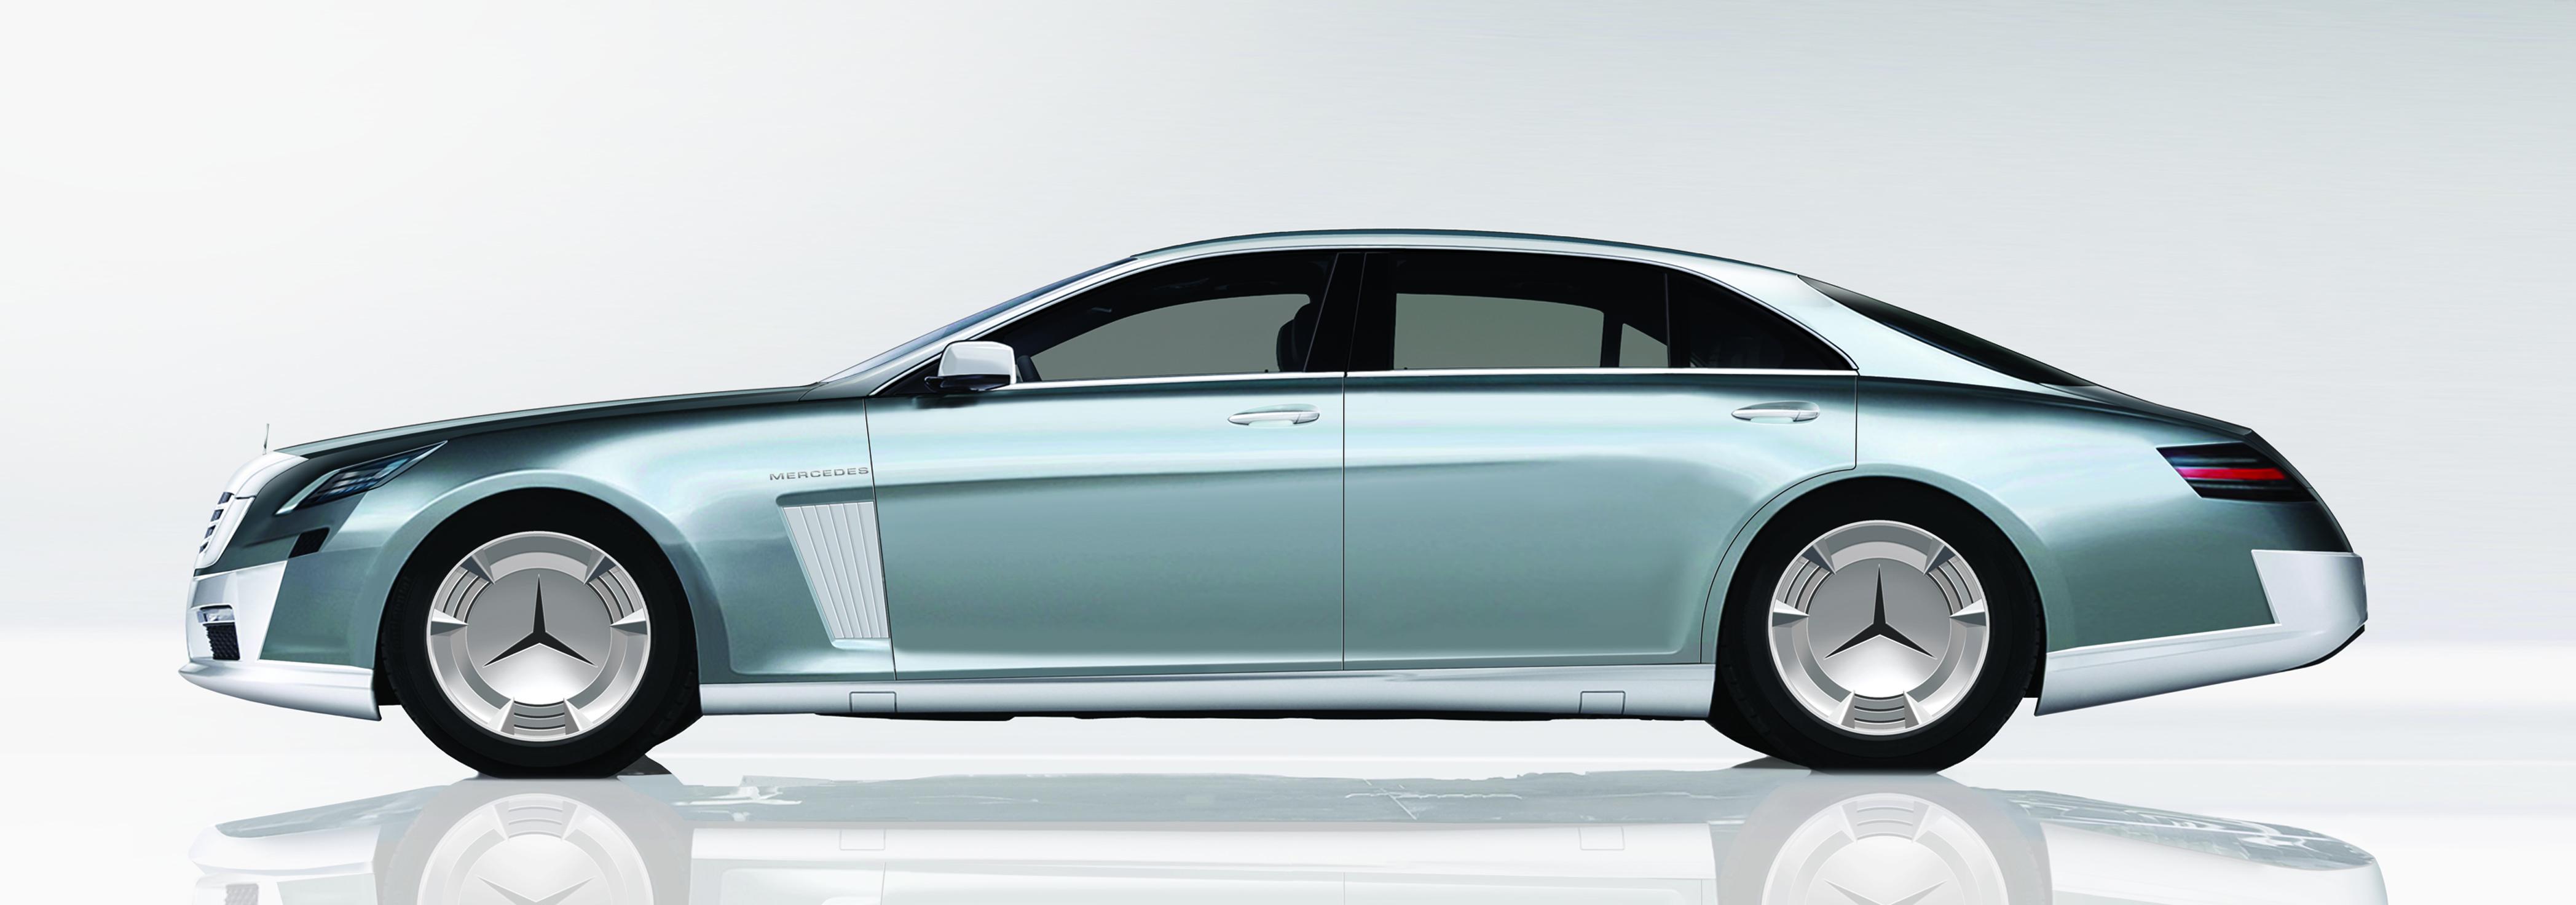 Mercedes_LEC_2011 (1)